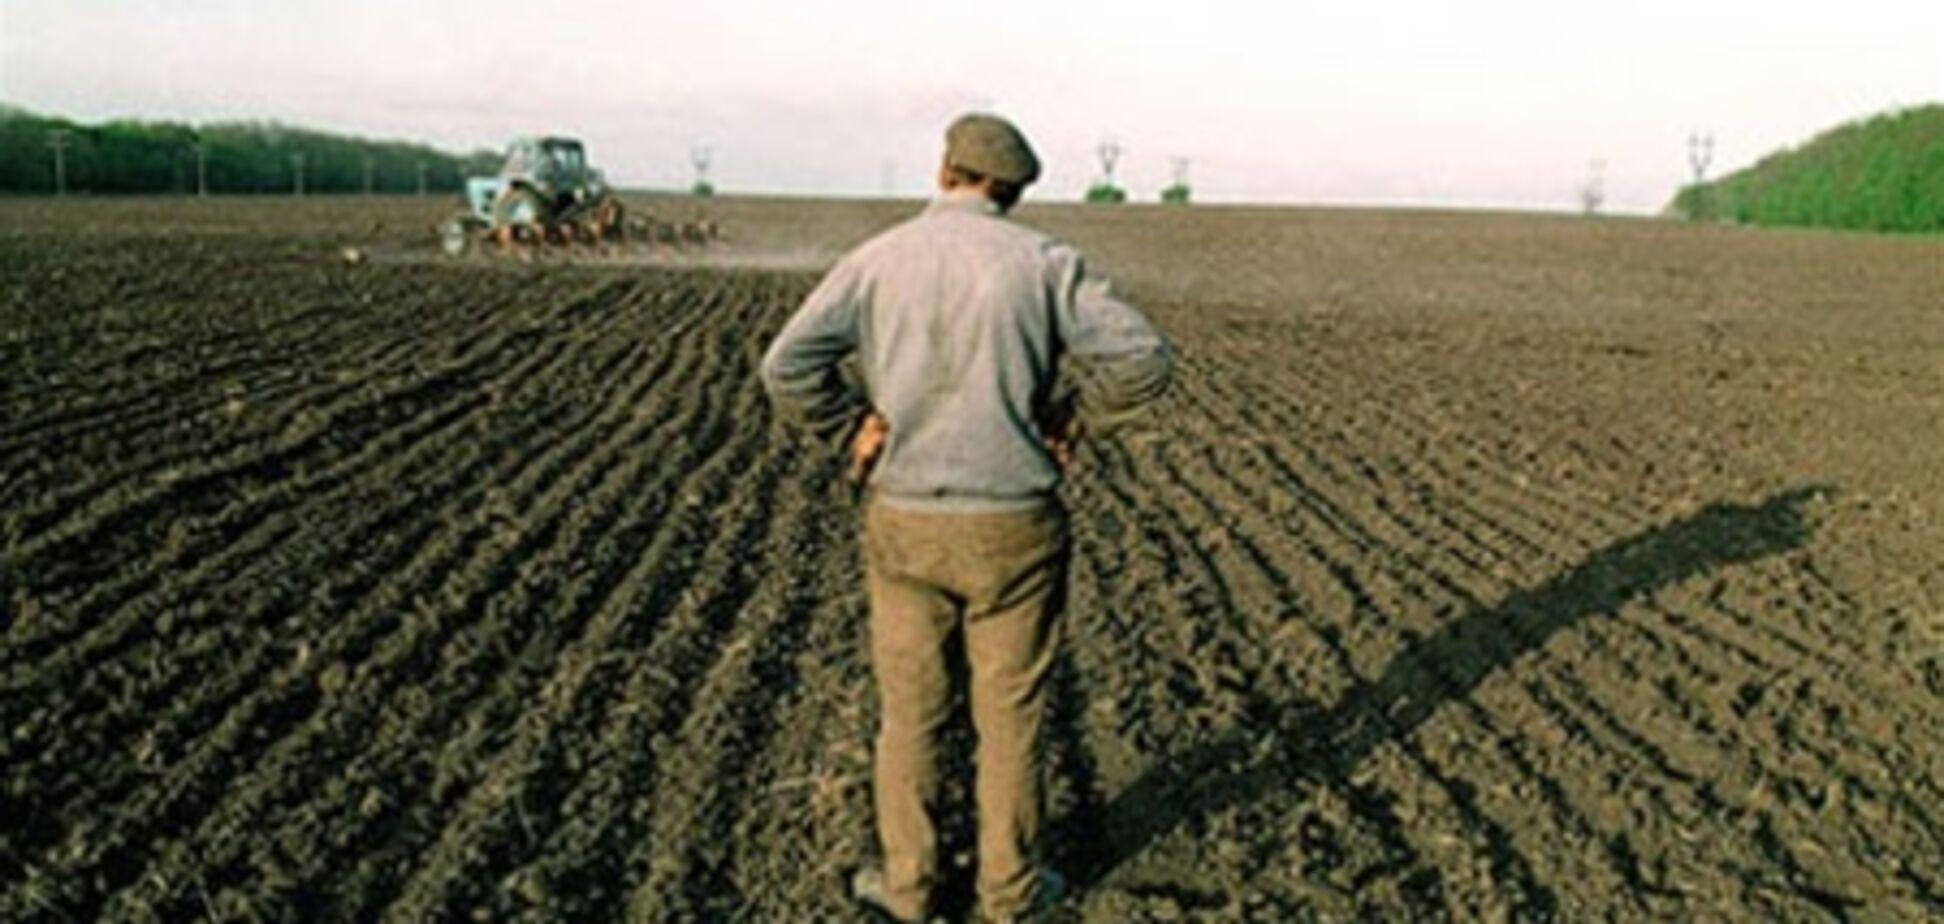 Как правильно купить землю и не попасть в аферу - советы экспертов